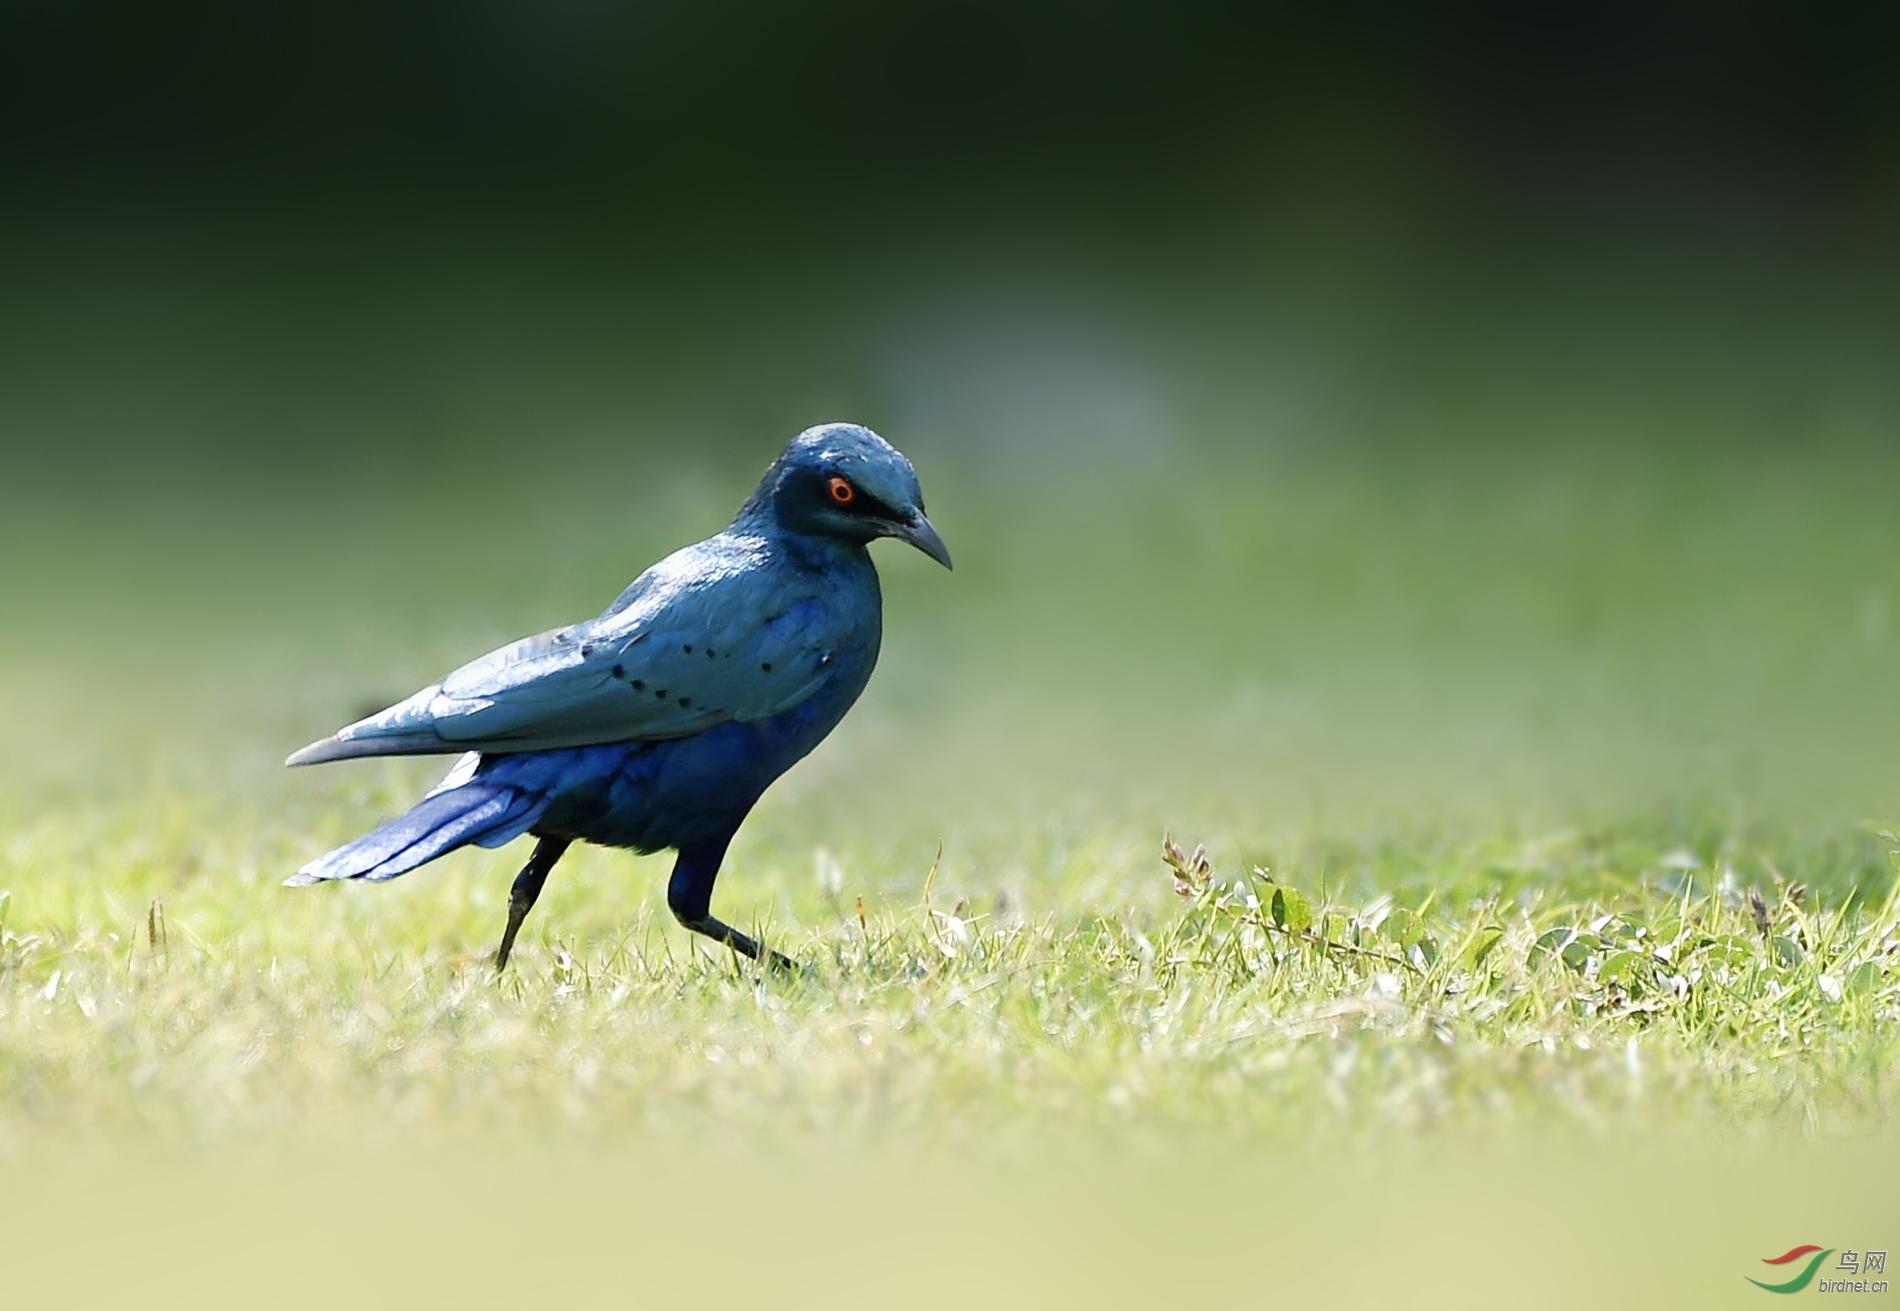 蓝耳丽椋鸟.jpg